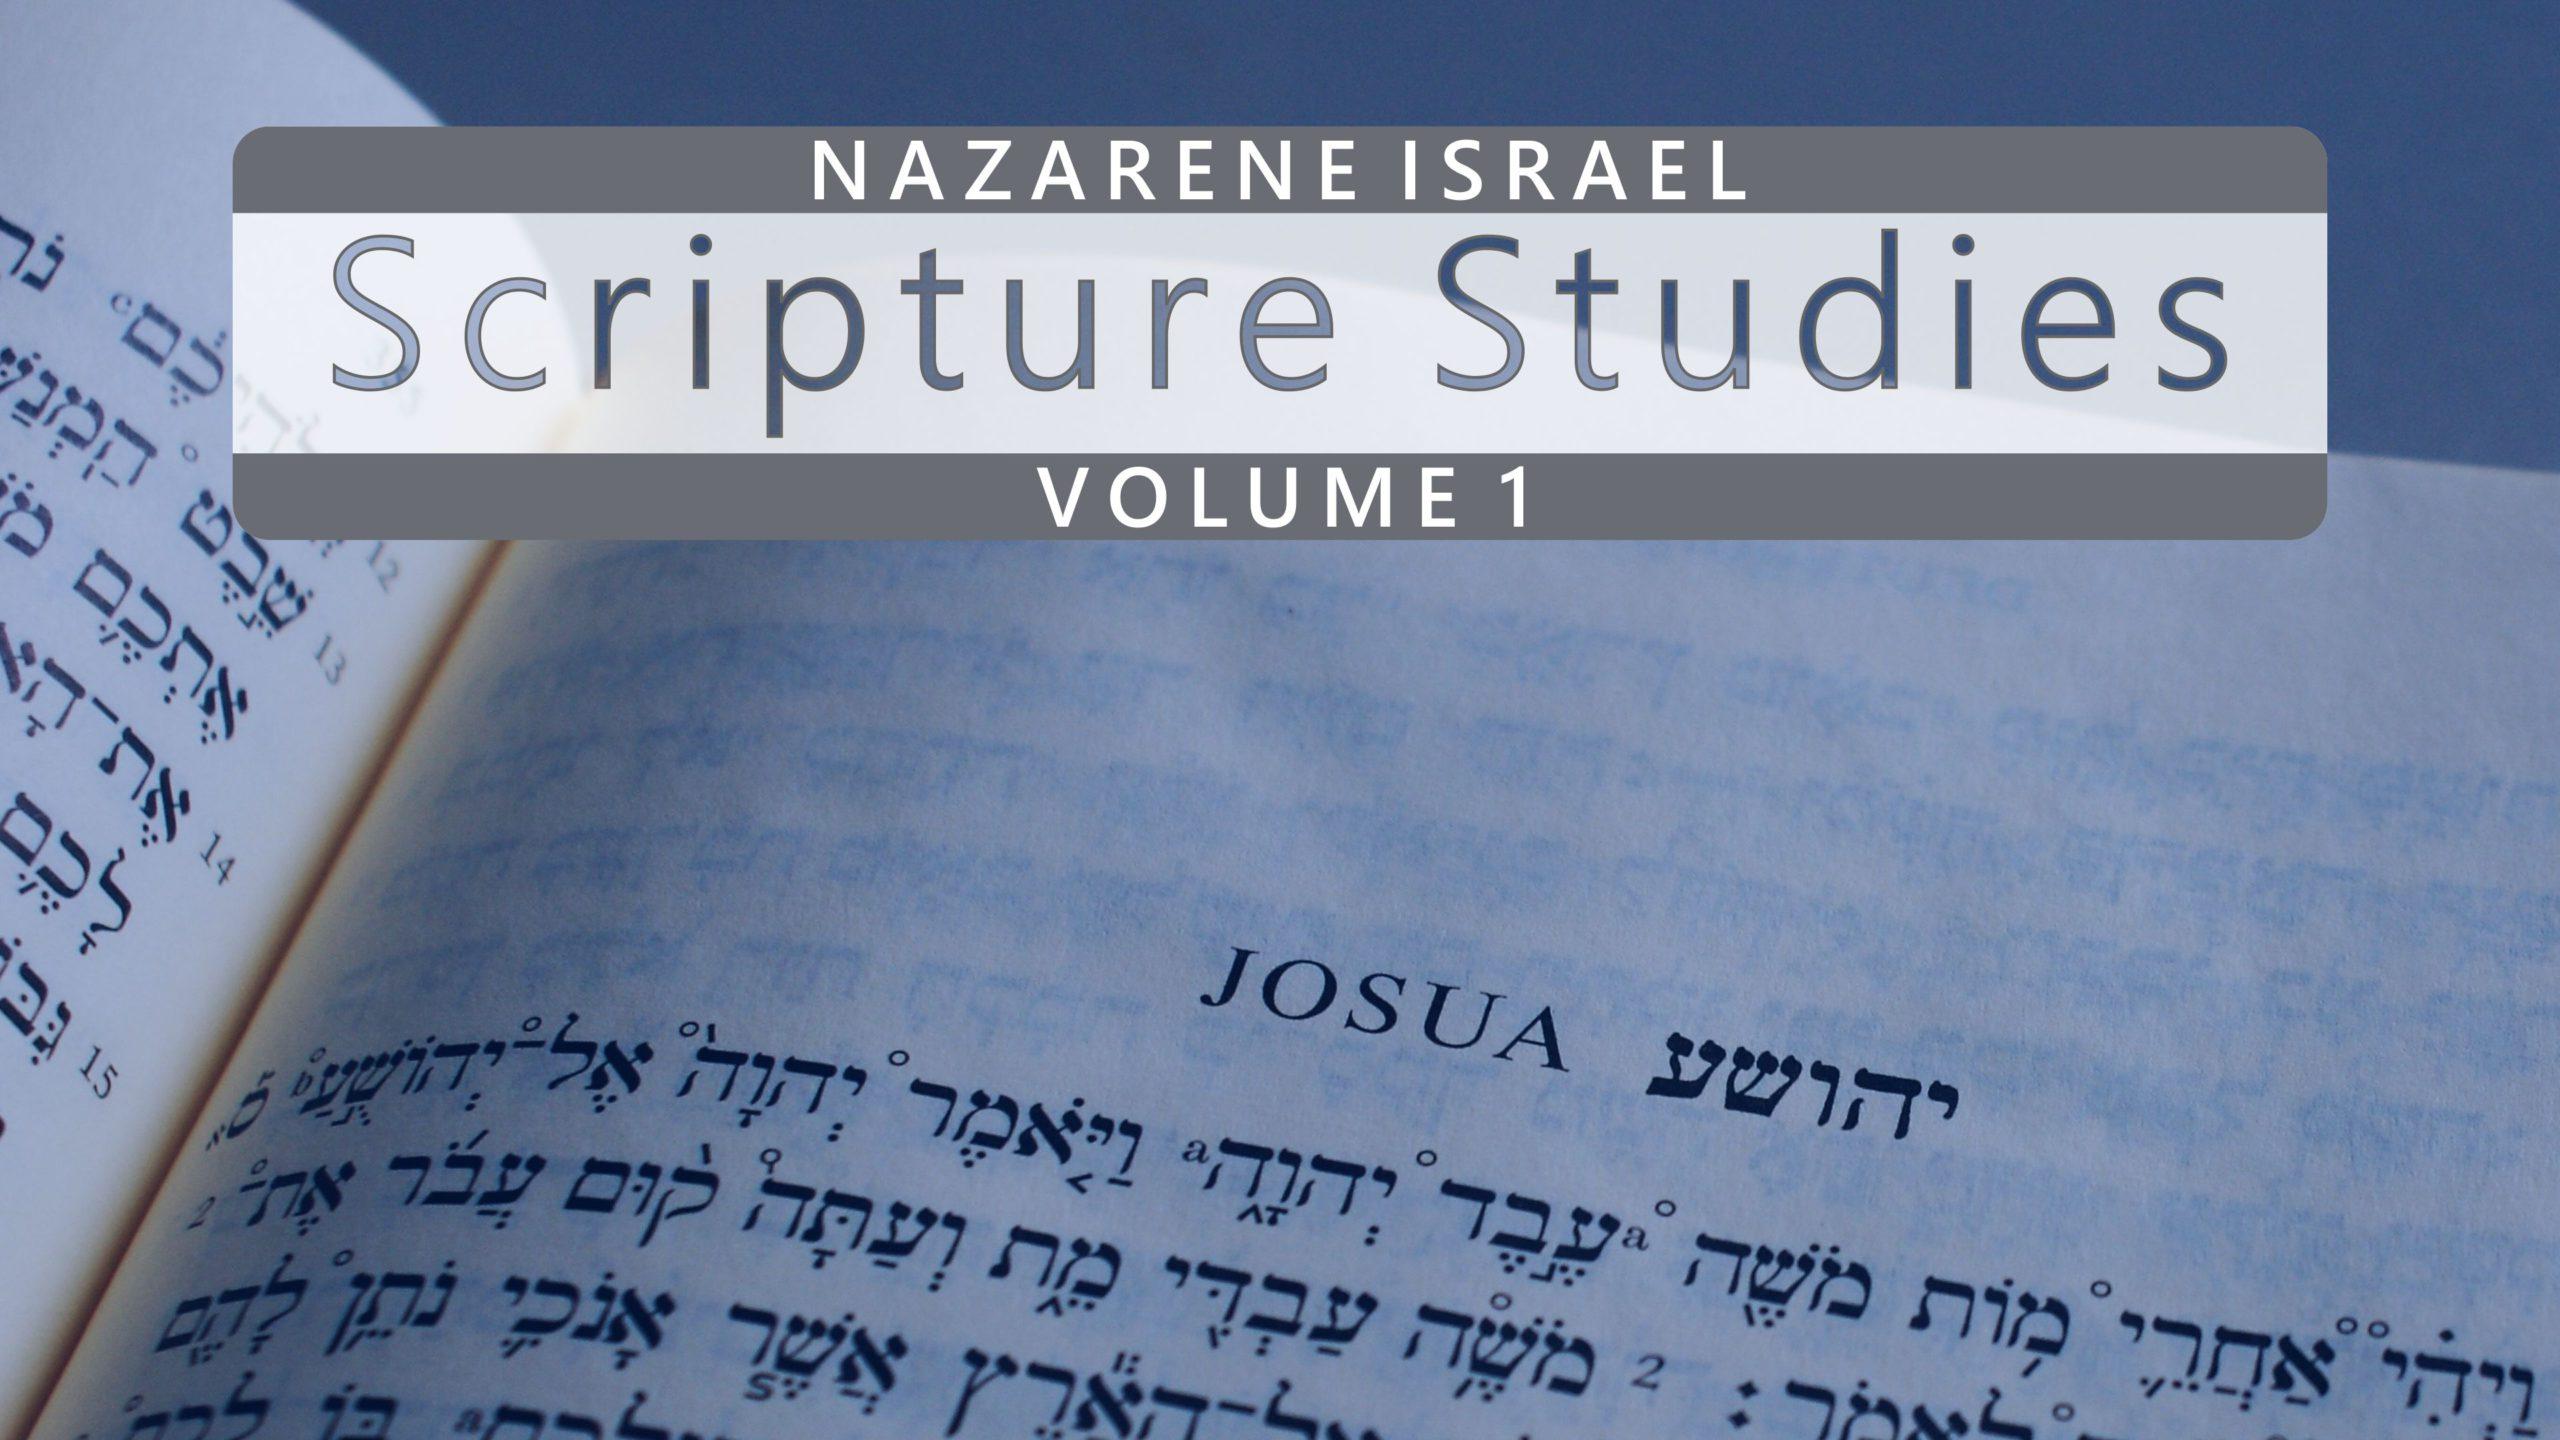 Nazarene Scripture Studies Vol. 1